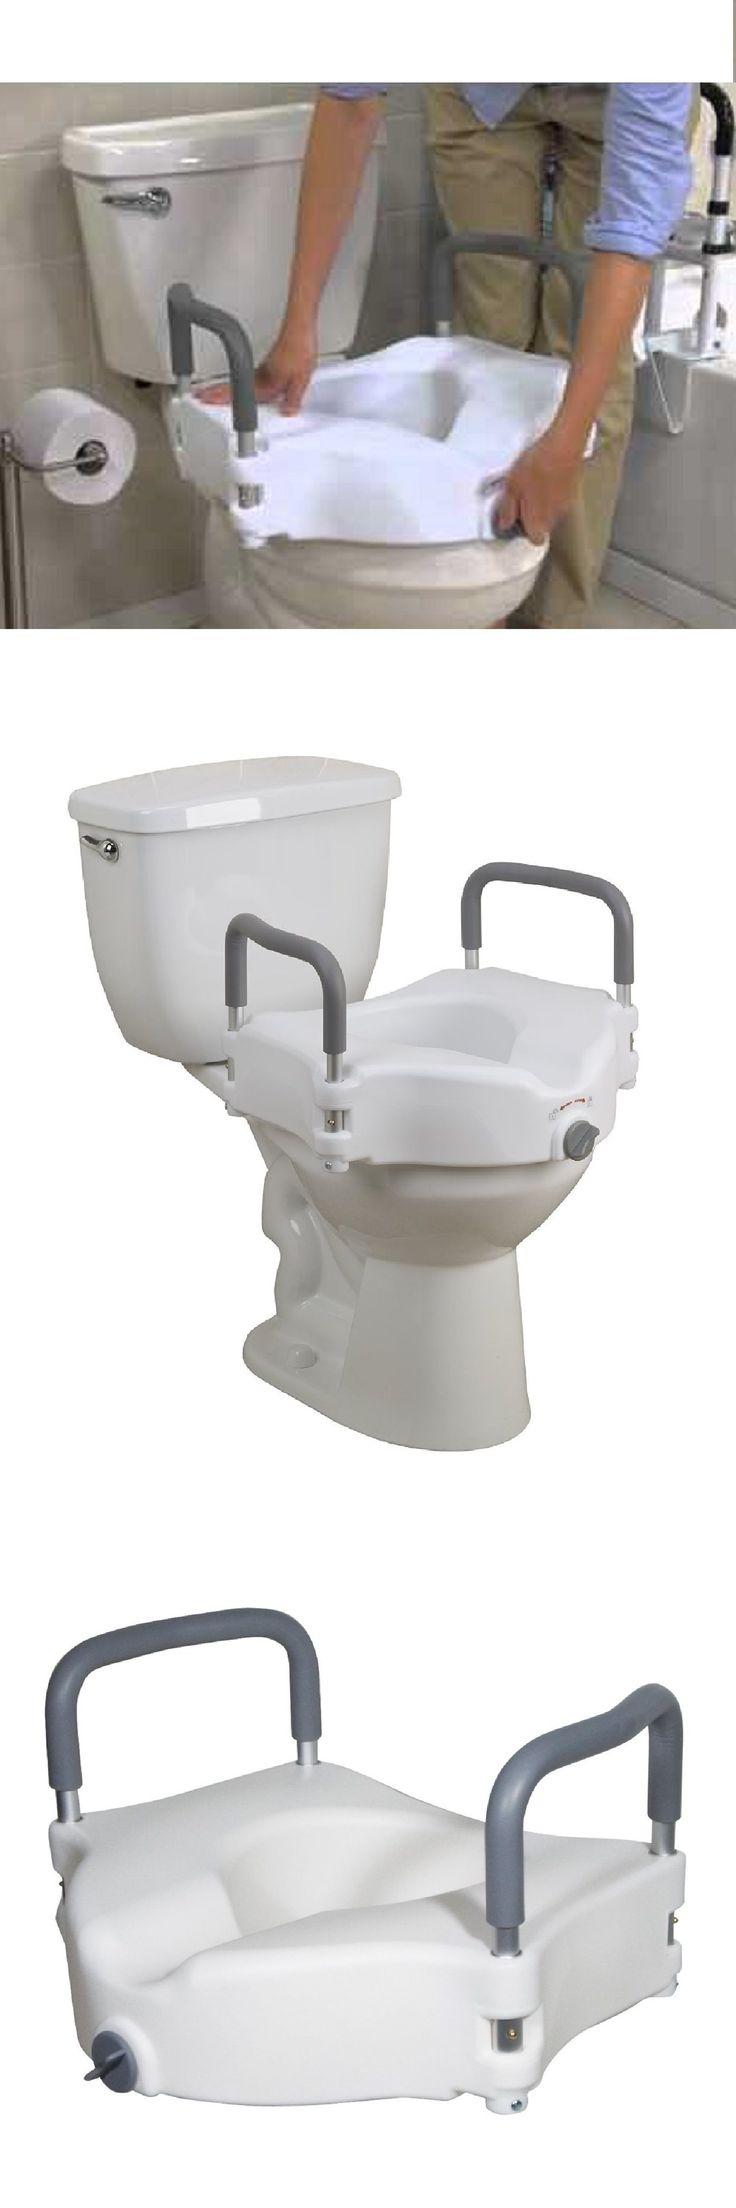 Handicap Bathroom Mirror Height best 25+ handicap toilet height ideas on pinterest | ada restroom